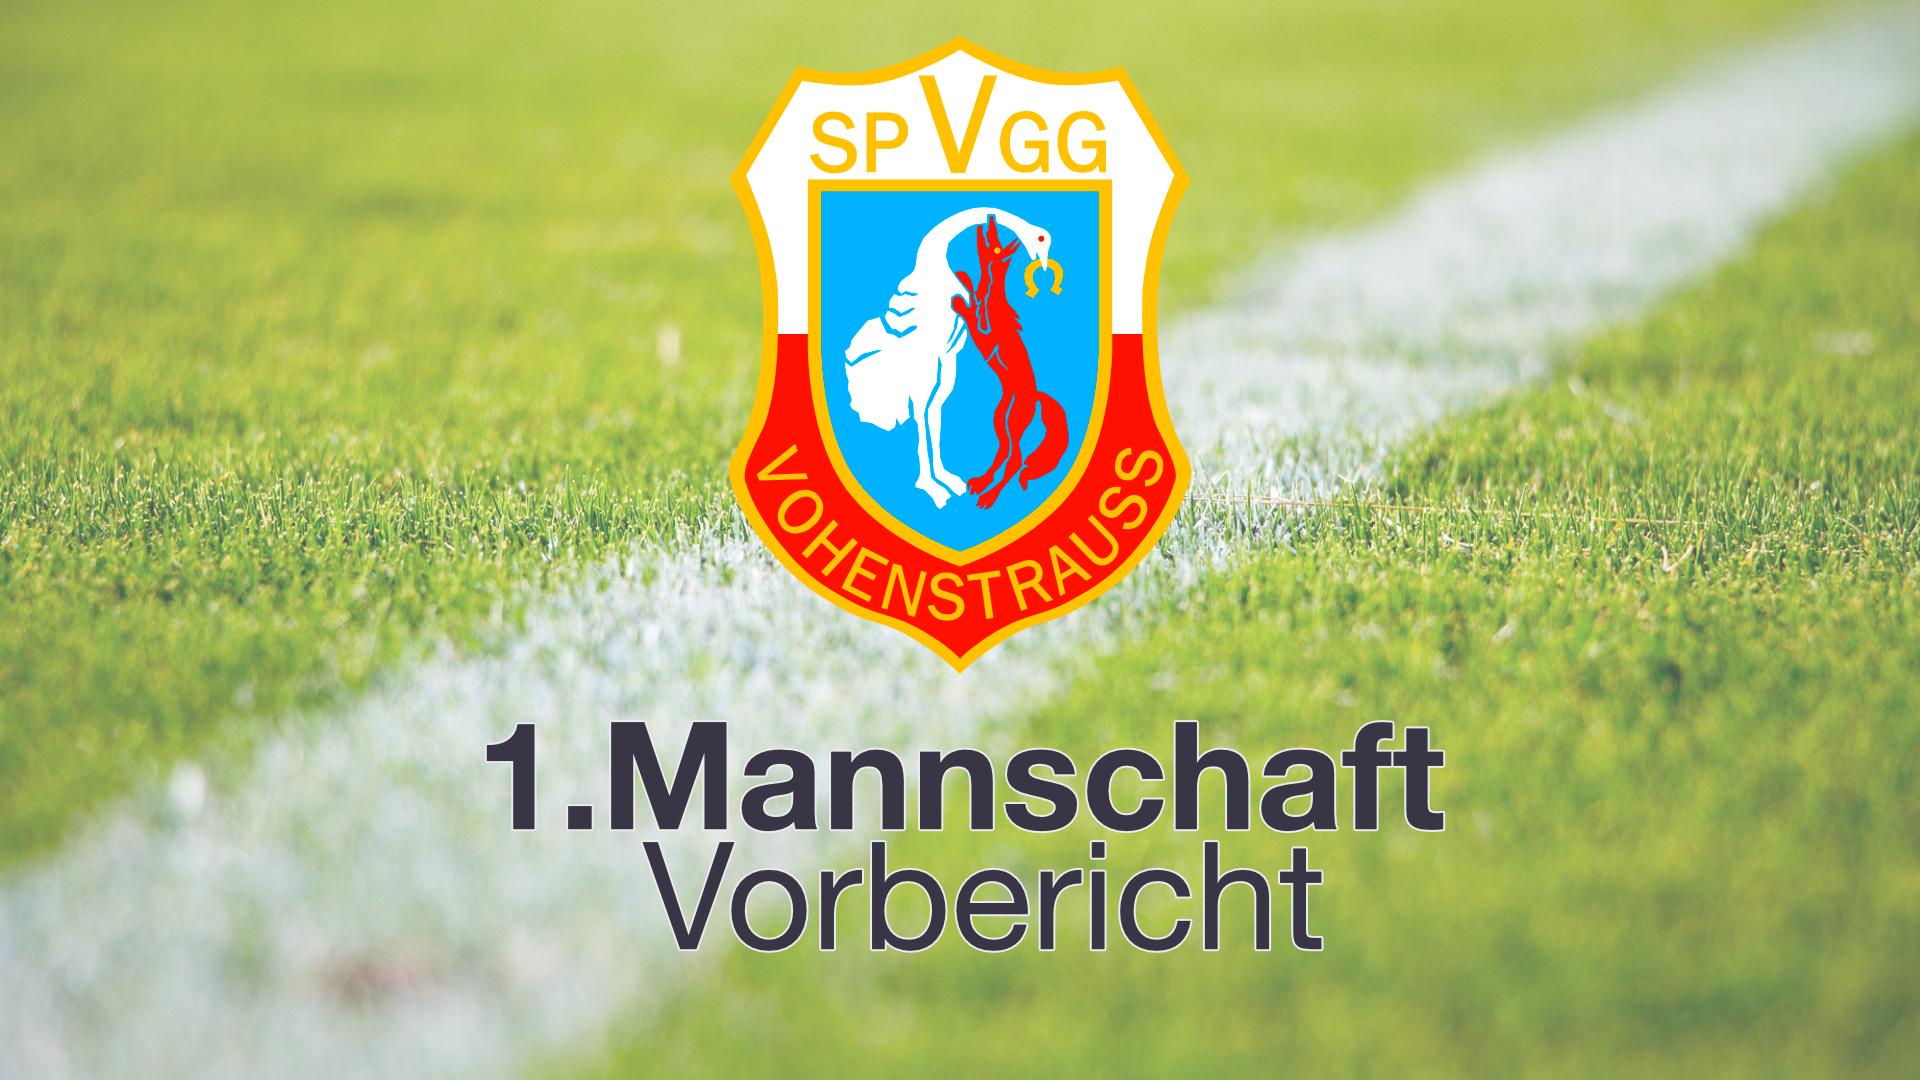 Vorbericht | SpVgg Vohenstrauß - SV Raigering